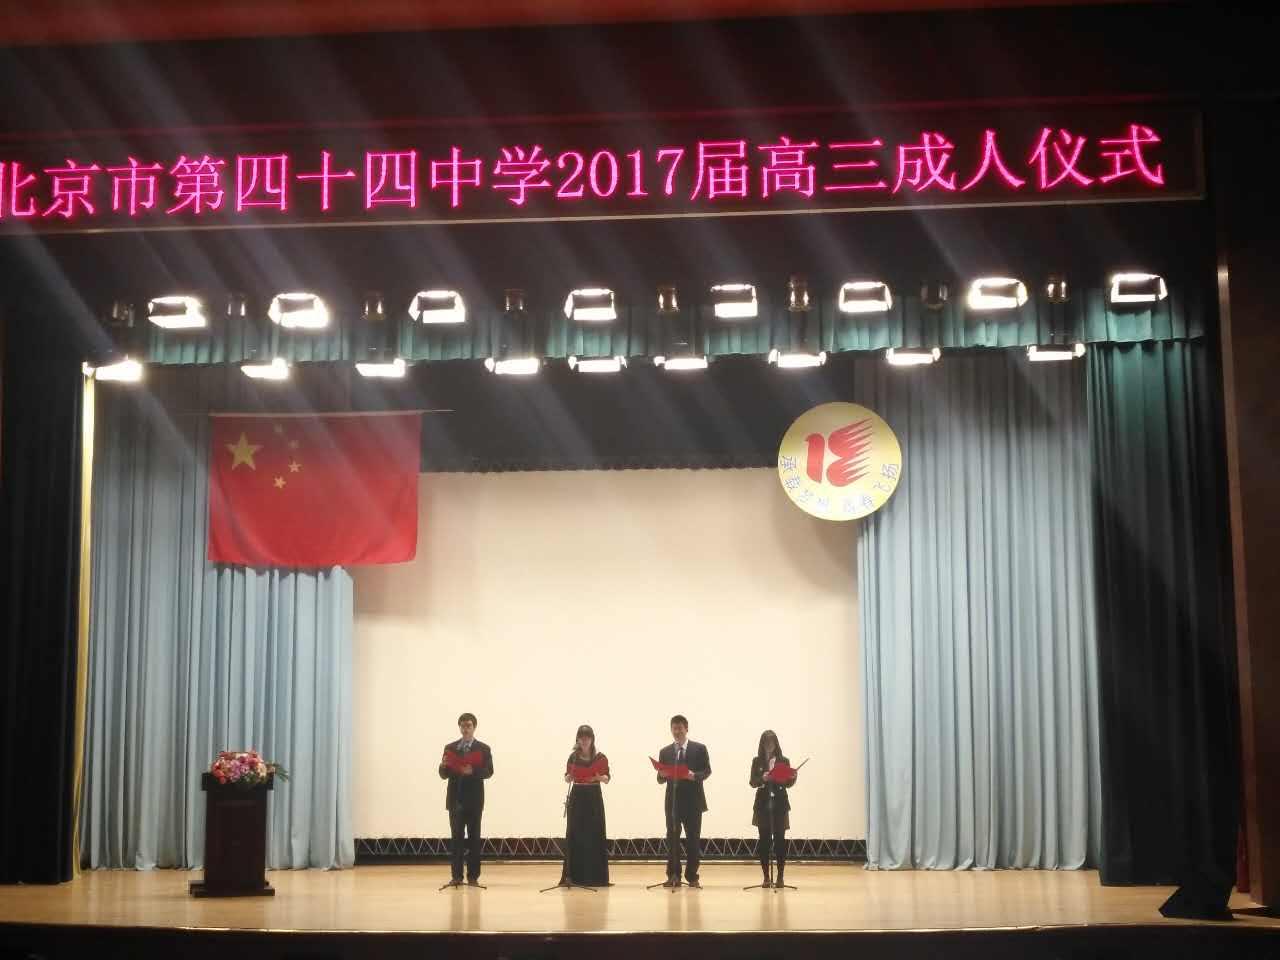 北京市第四十四中学举办2017届高三年级学生成人礼仪式